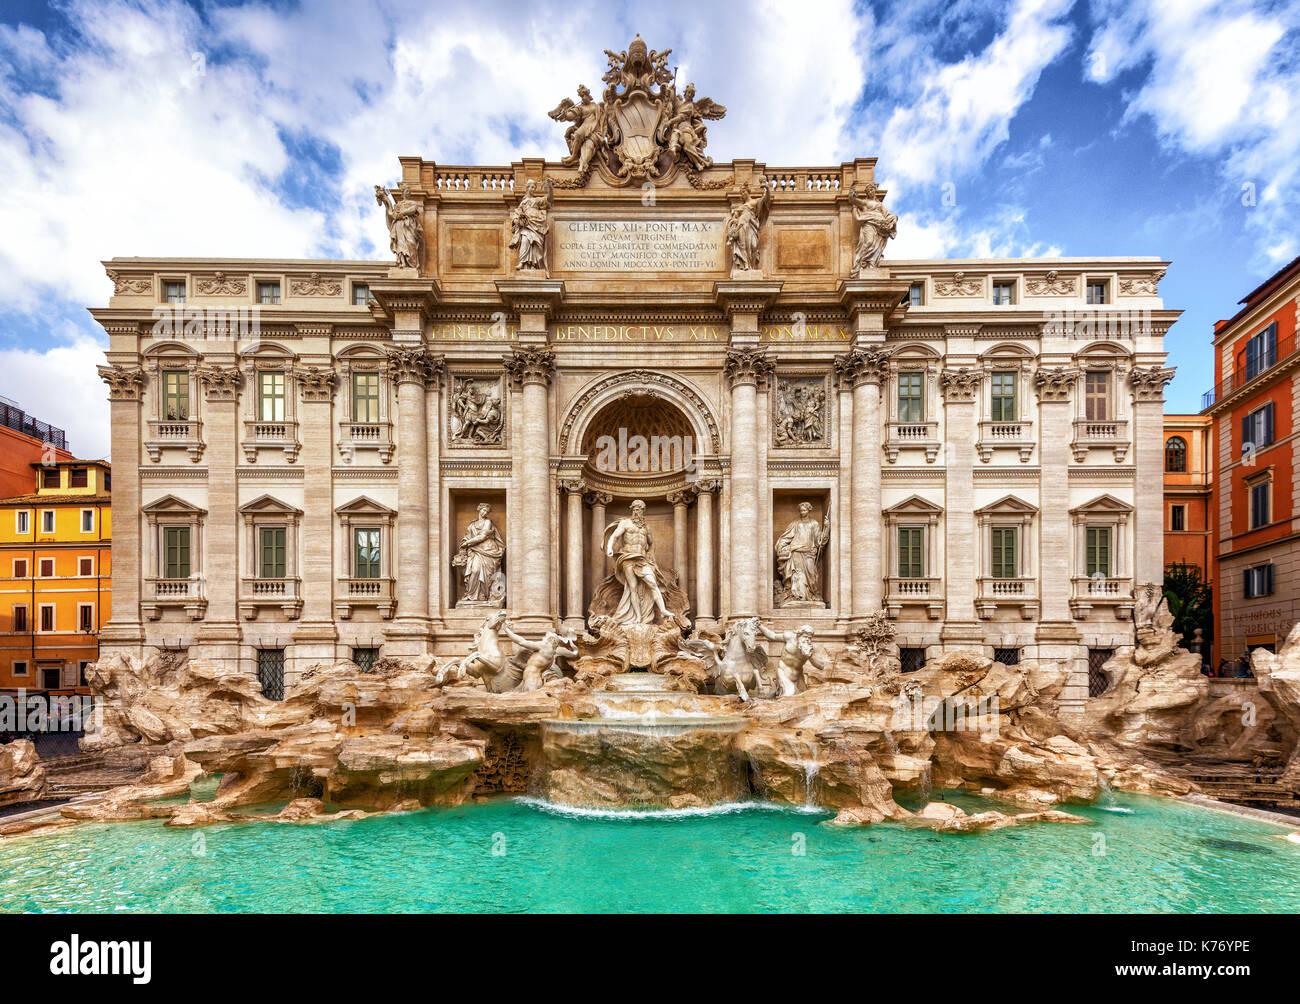 La fontana di Trevi. gran escena con todo el edificio se encuentra en el bastidor. Imagen De Stock